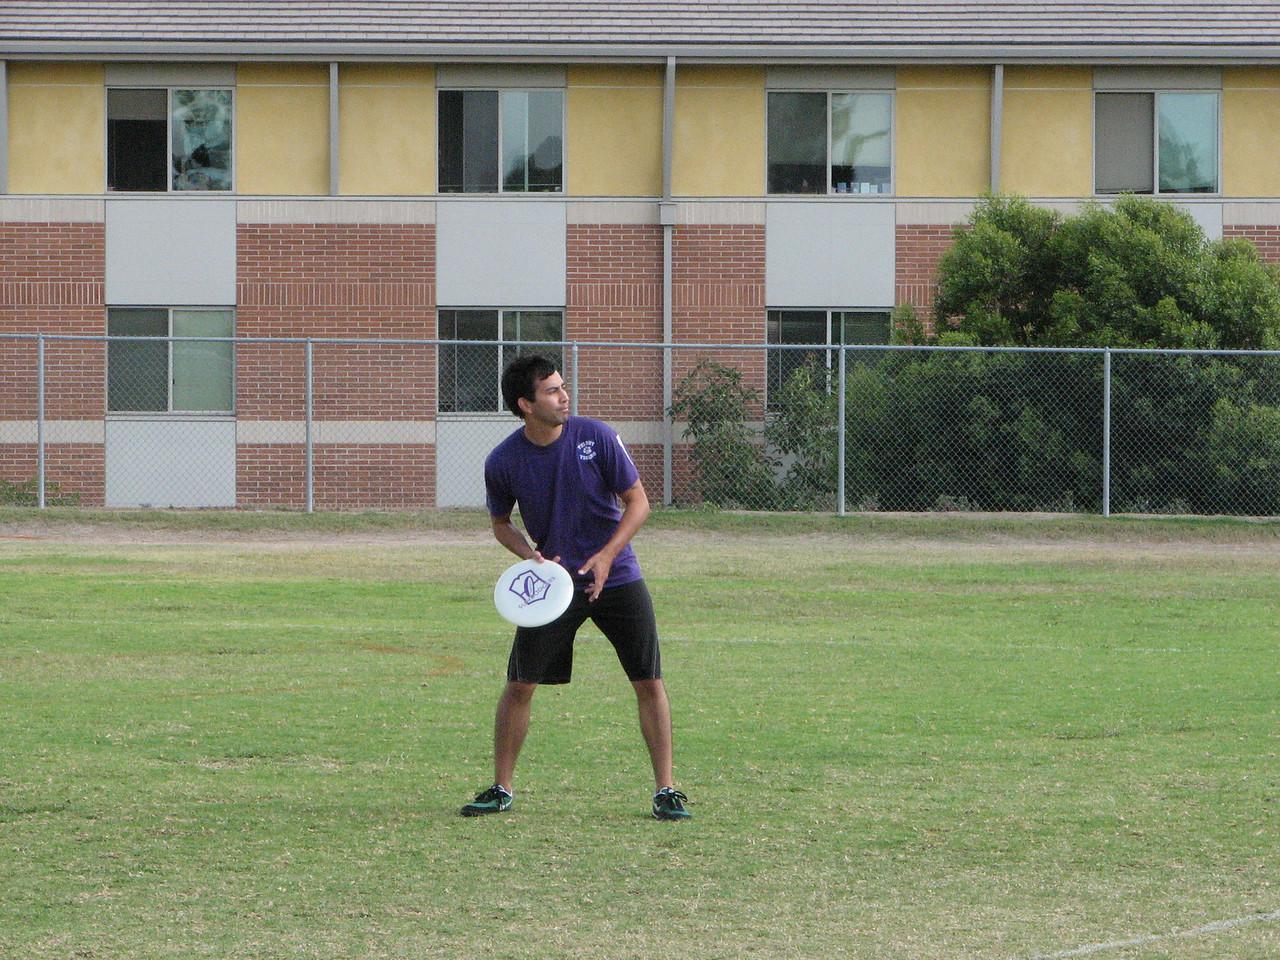 2006 10 13 Fri - Bobby Rivera about to throw